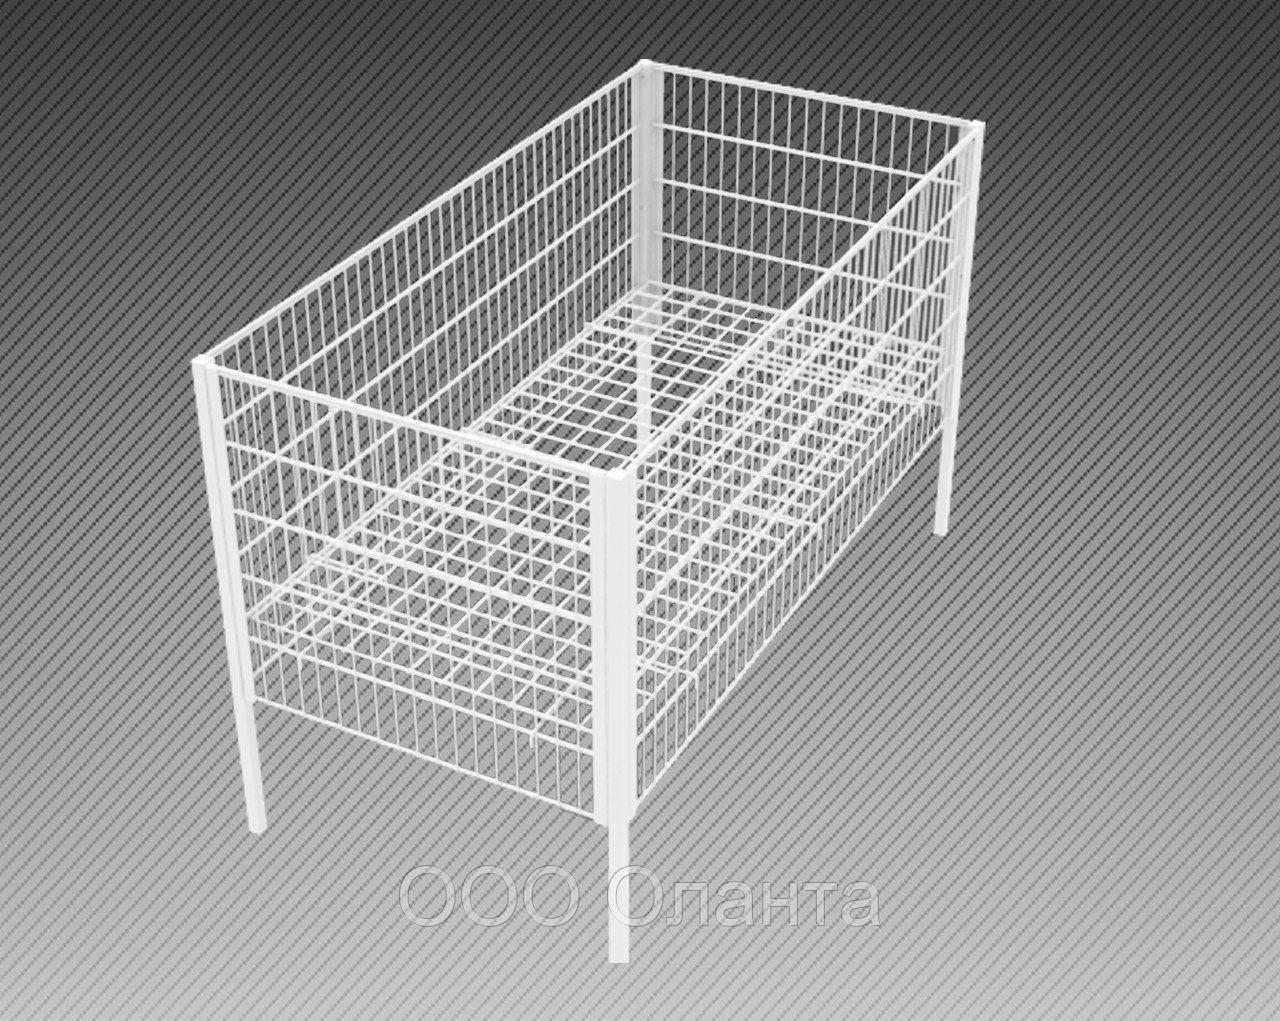 Стол для распродаж-накопитель c регулируемым дном усиленный (1200х600х750 мм) крашенный арт. RS120/60